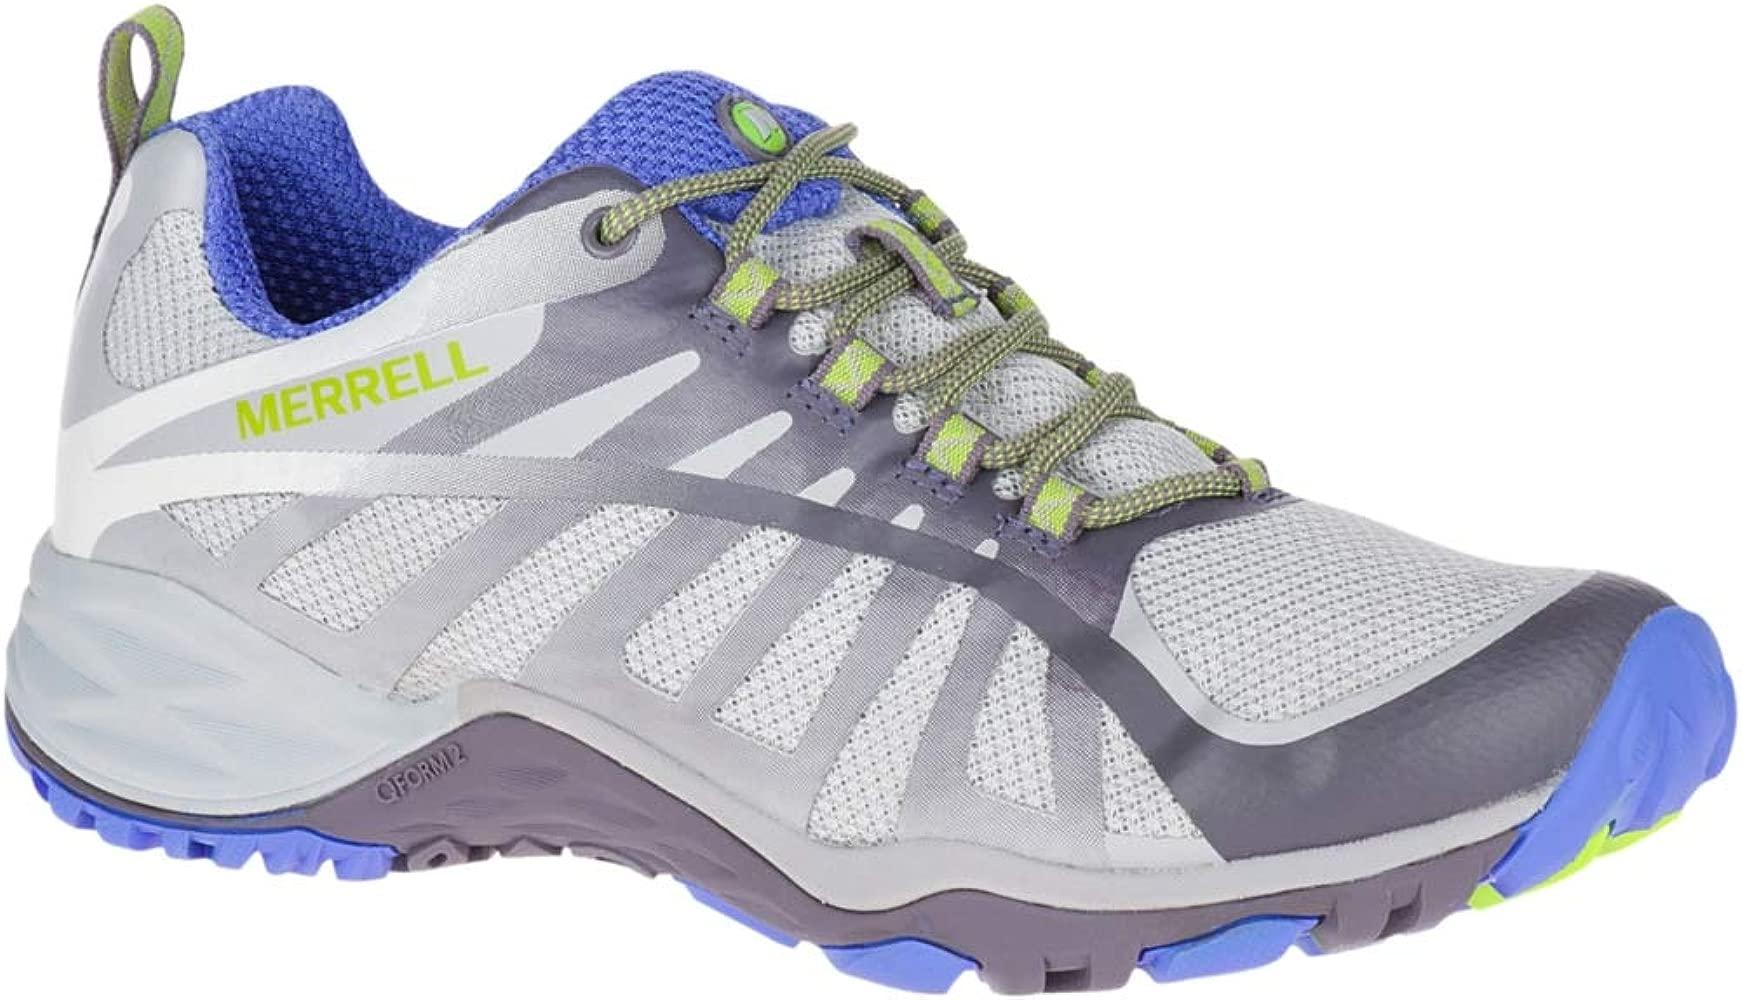 zapatos merrell son buenos wireless